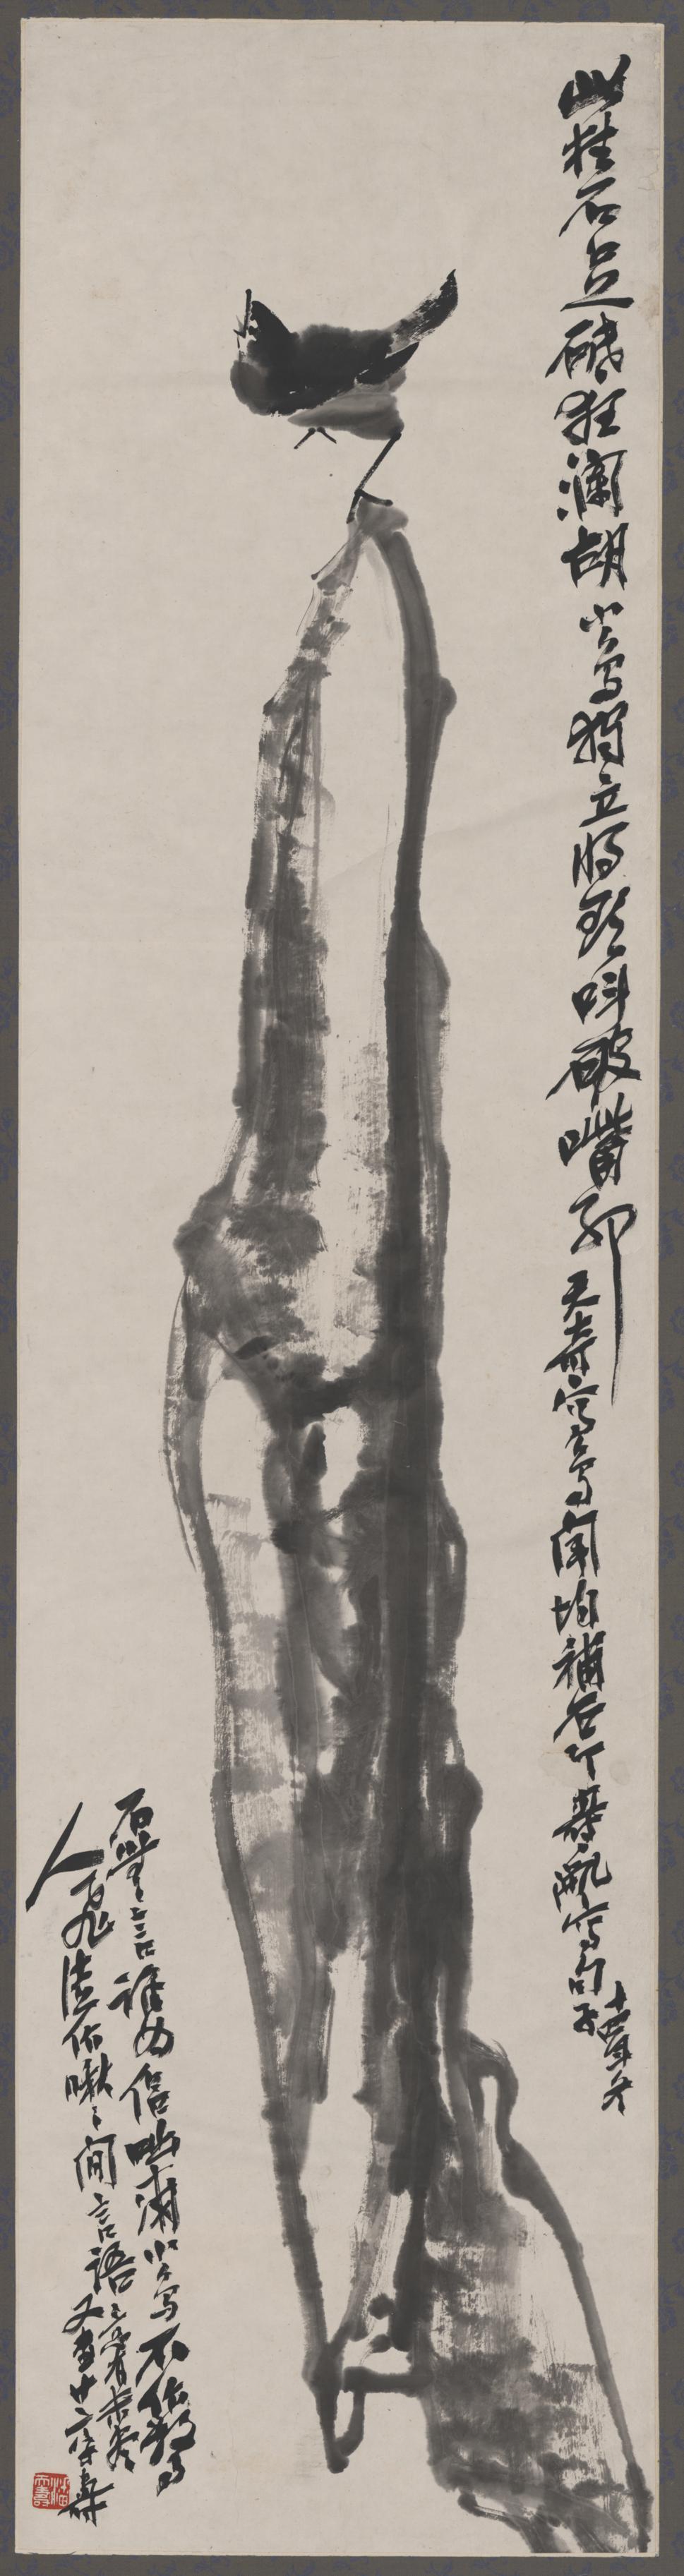 166潘天寿-水墨小鸟图轴